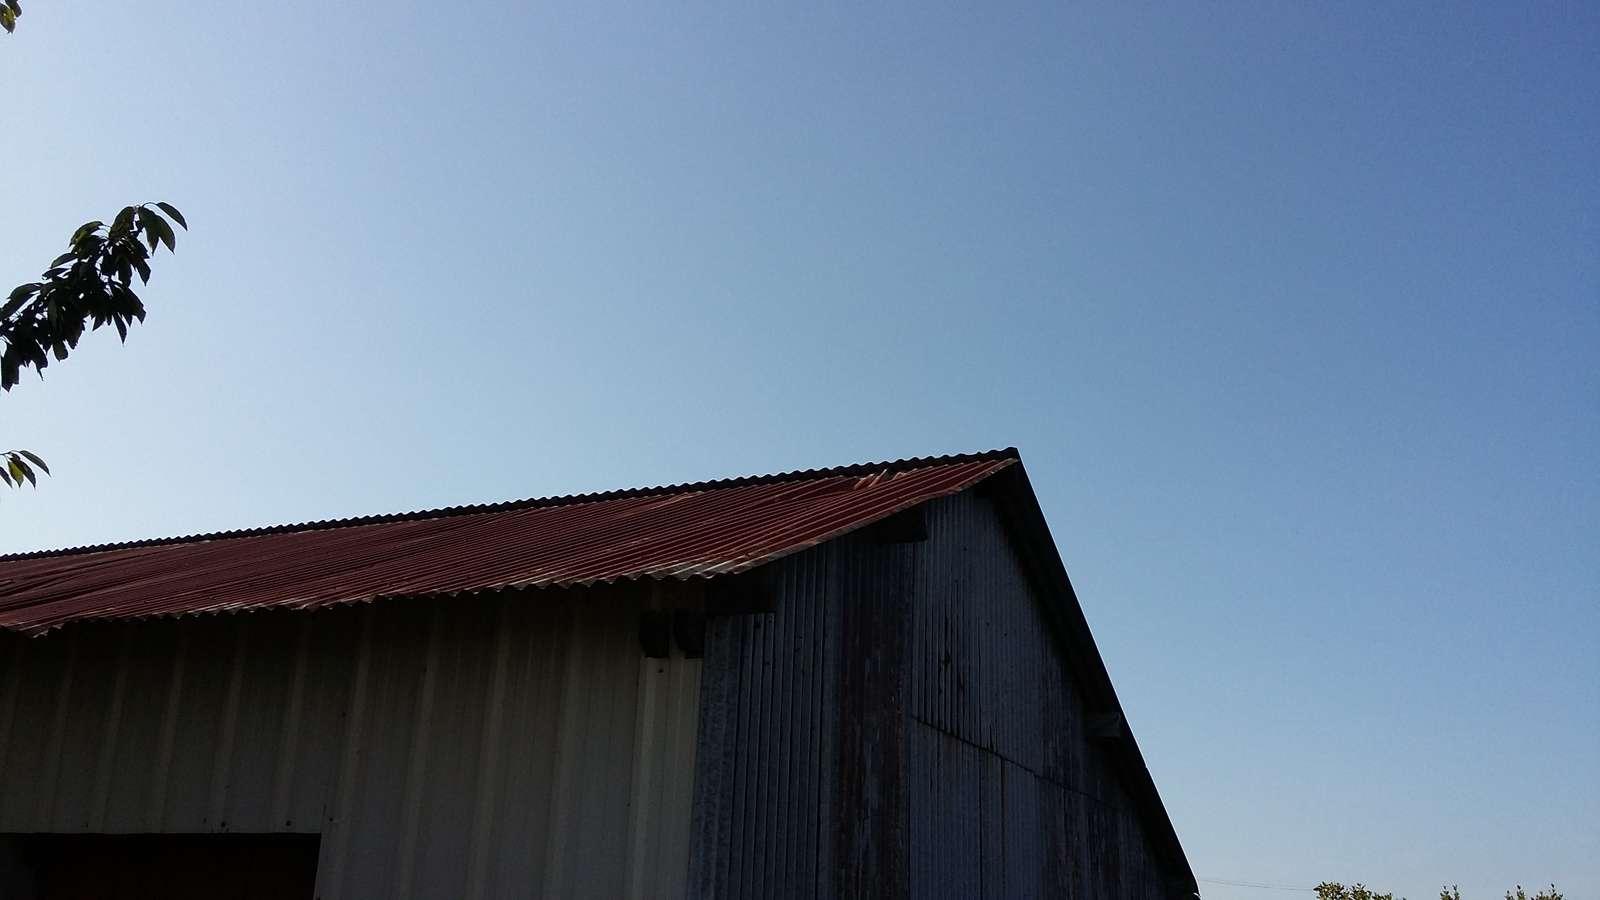 Forum : Toiture tôle ondulée hangar agricole : amiante ?